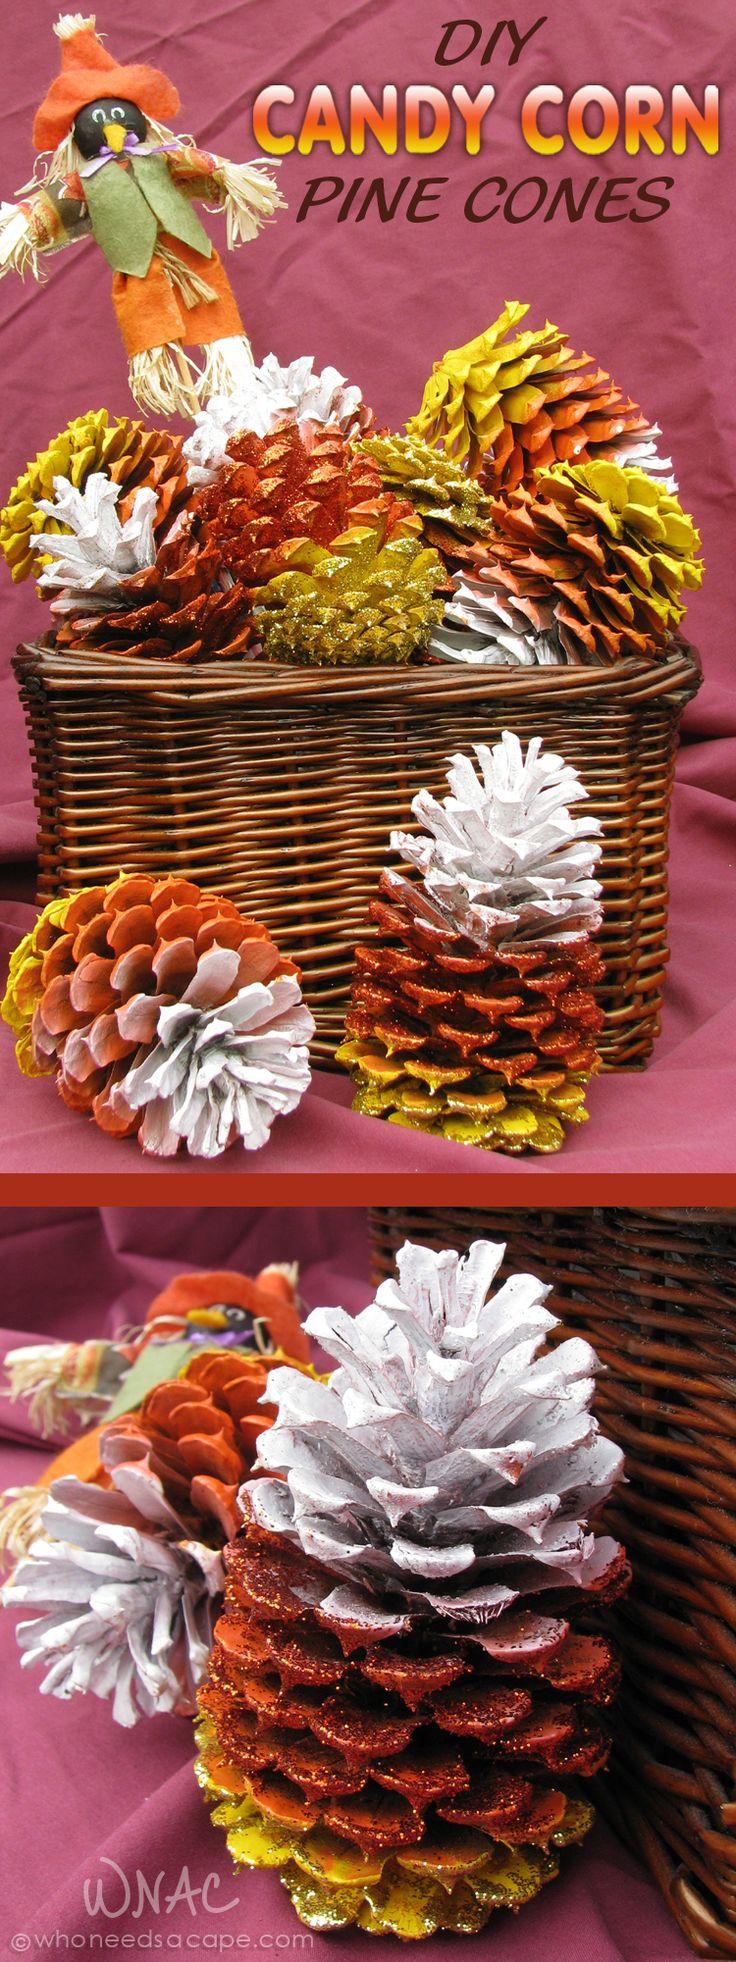 Pine cones for crafts - Diy Candy Corn Pine Cones